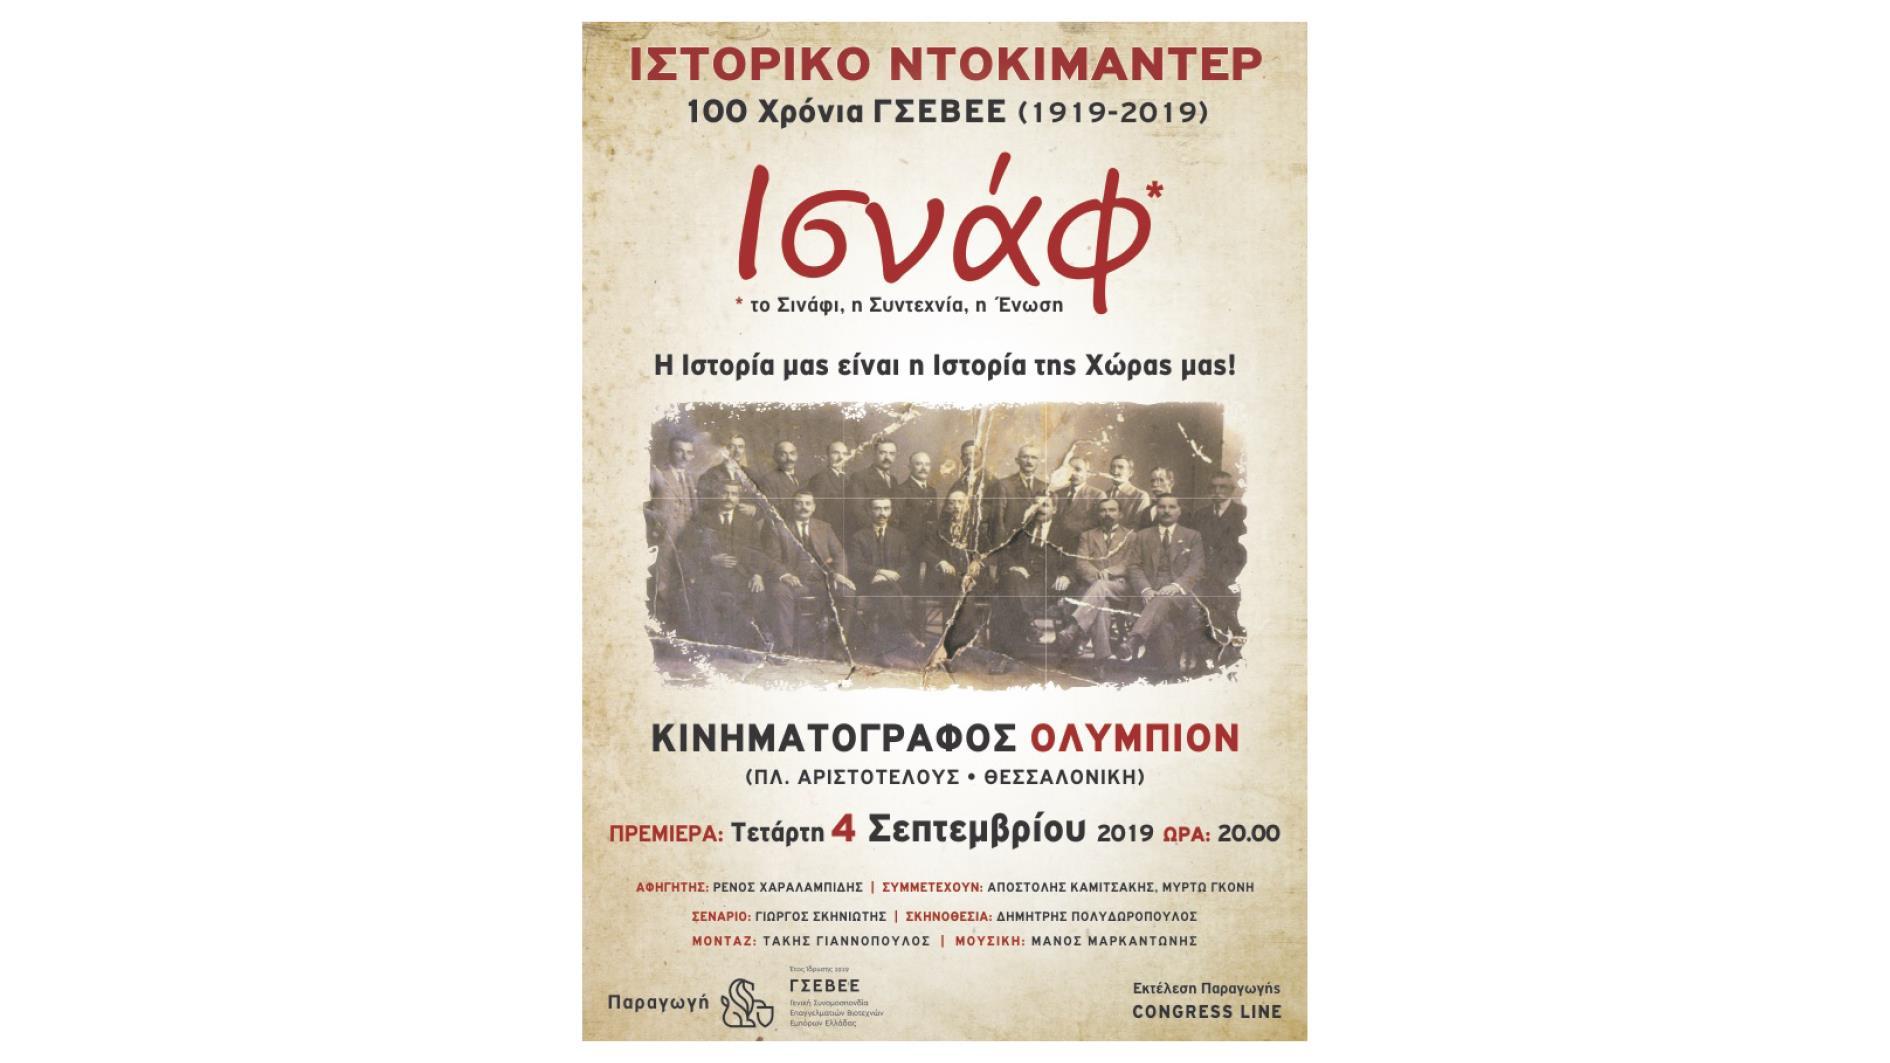 Ο Πρόεδρος κ. Γιώργος Καββαθάς και τα  Μέλη του Διοικητικού Συμβουλίου της ΓΣΕΒΕΕ  έχουν την τιμή να σας προσκαλέσουν  στην πρεμιέρα του ιστορικού ντοκιμαντέρ «Ισνάφ» για τη συμπλήρωση των 100 χρόνων  από την ίδρυση της Συνομοσπονδίας